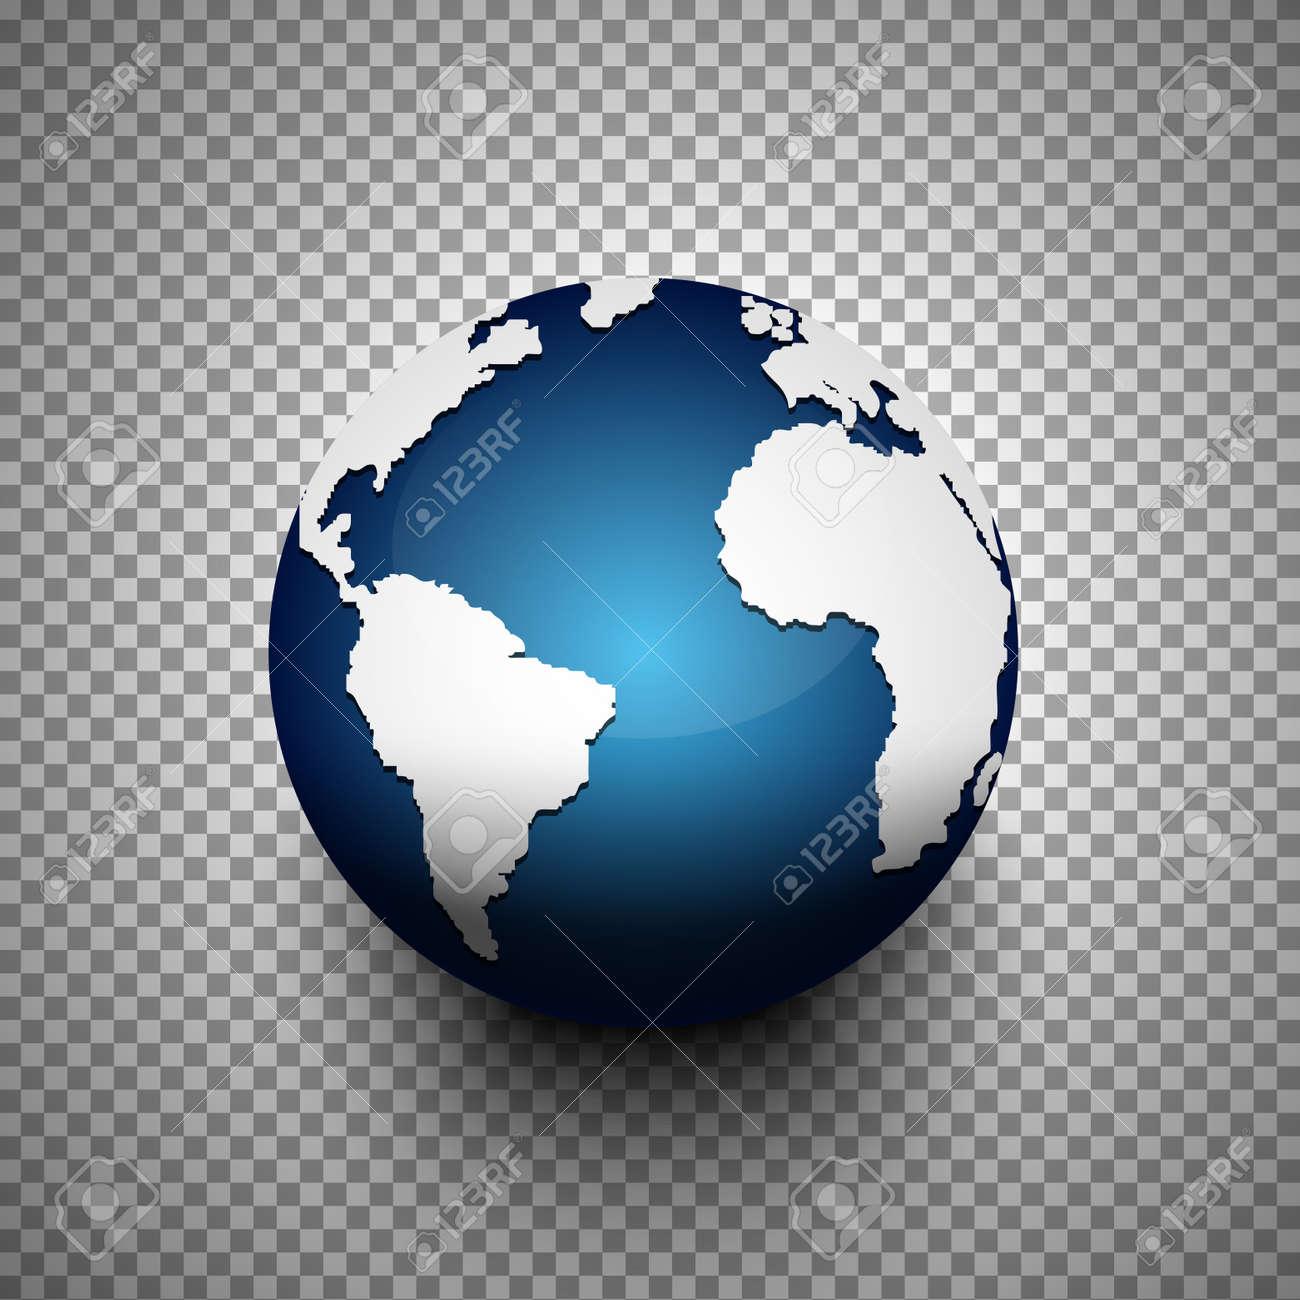 Carte Du Monde Realiste.Realiste Icone De Globe 3d De La Carte Du Monde Sur Fond Transparent